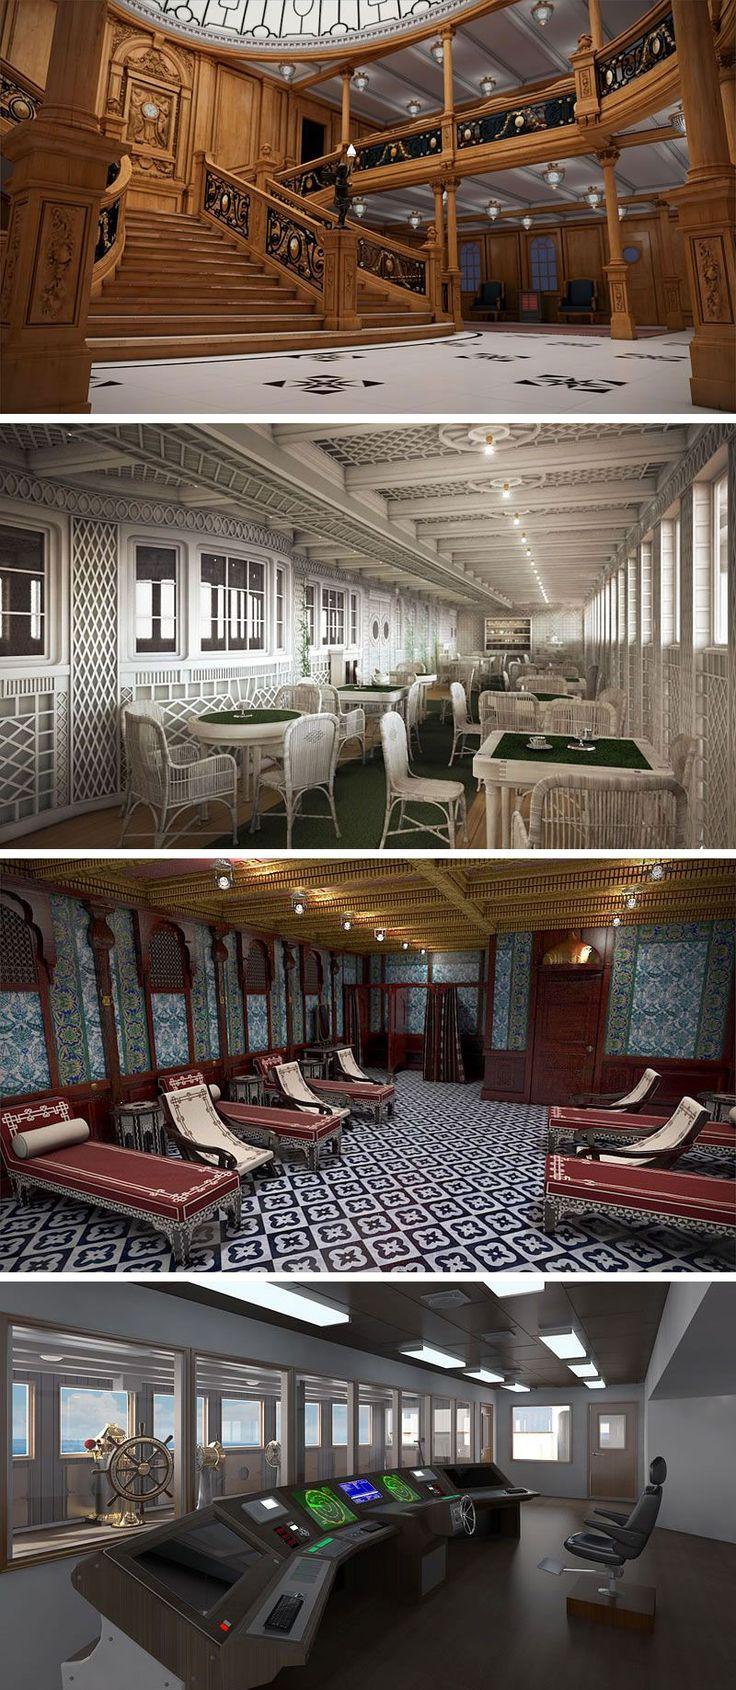 Titanic II Replica Will Set Sail In 2018 Architecture